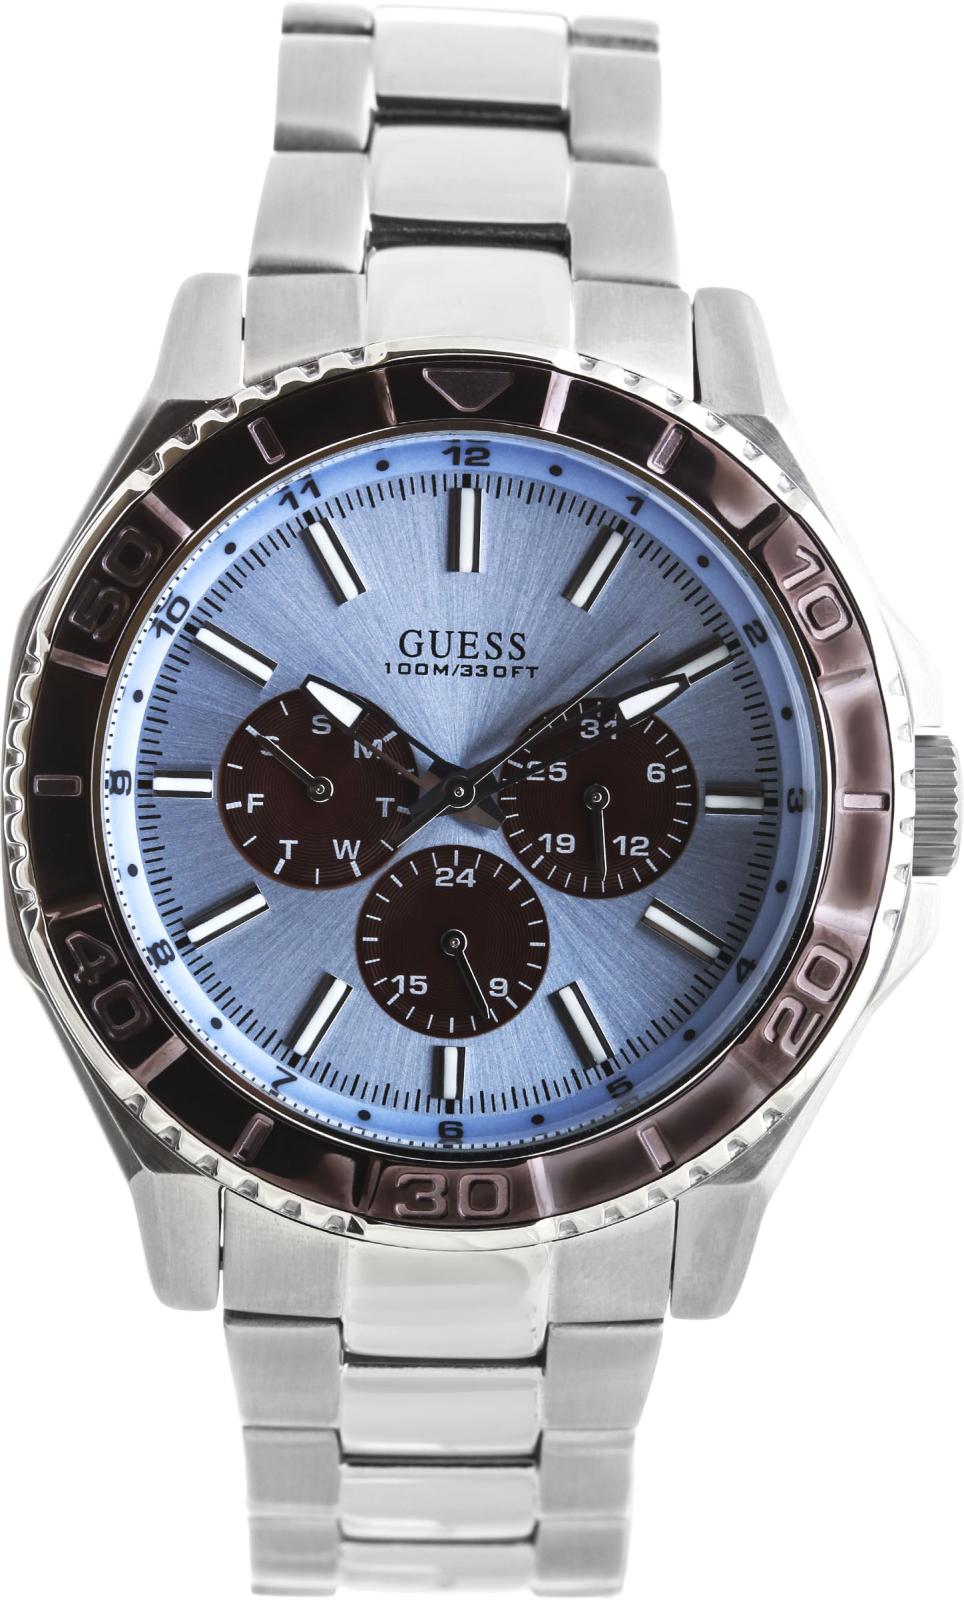 Guess Sport Steel  W0479G2Наручные часы<br>Американские часы Guess Sport Steel W0479G2<br><br>Пол: Мужские<br>Страна-производитель: США<br>Механизм: Кварцевый<br>Материал корпуса: Сталь<br>Материал ремня/браслета: Сталь<br>Водозащита, диапазон: 100 - 150 м<br>Стекло: Минеральное<br>Толщина корпуса: 13.5 мм<br>Стиль: Классика